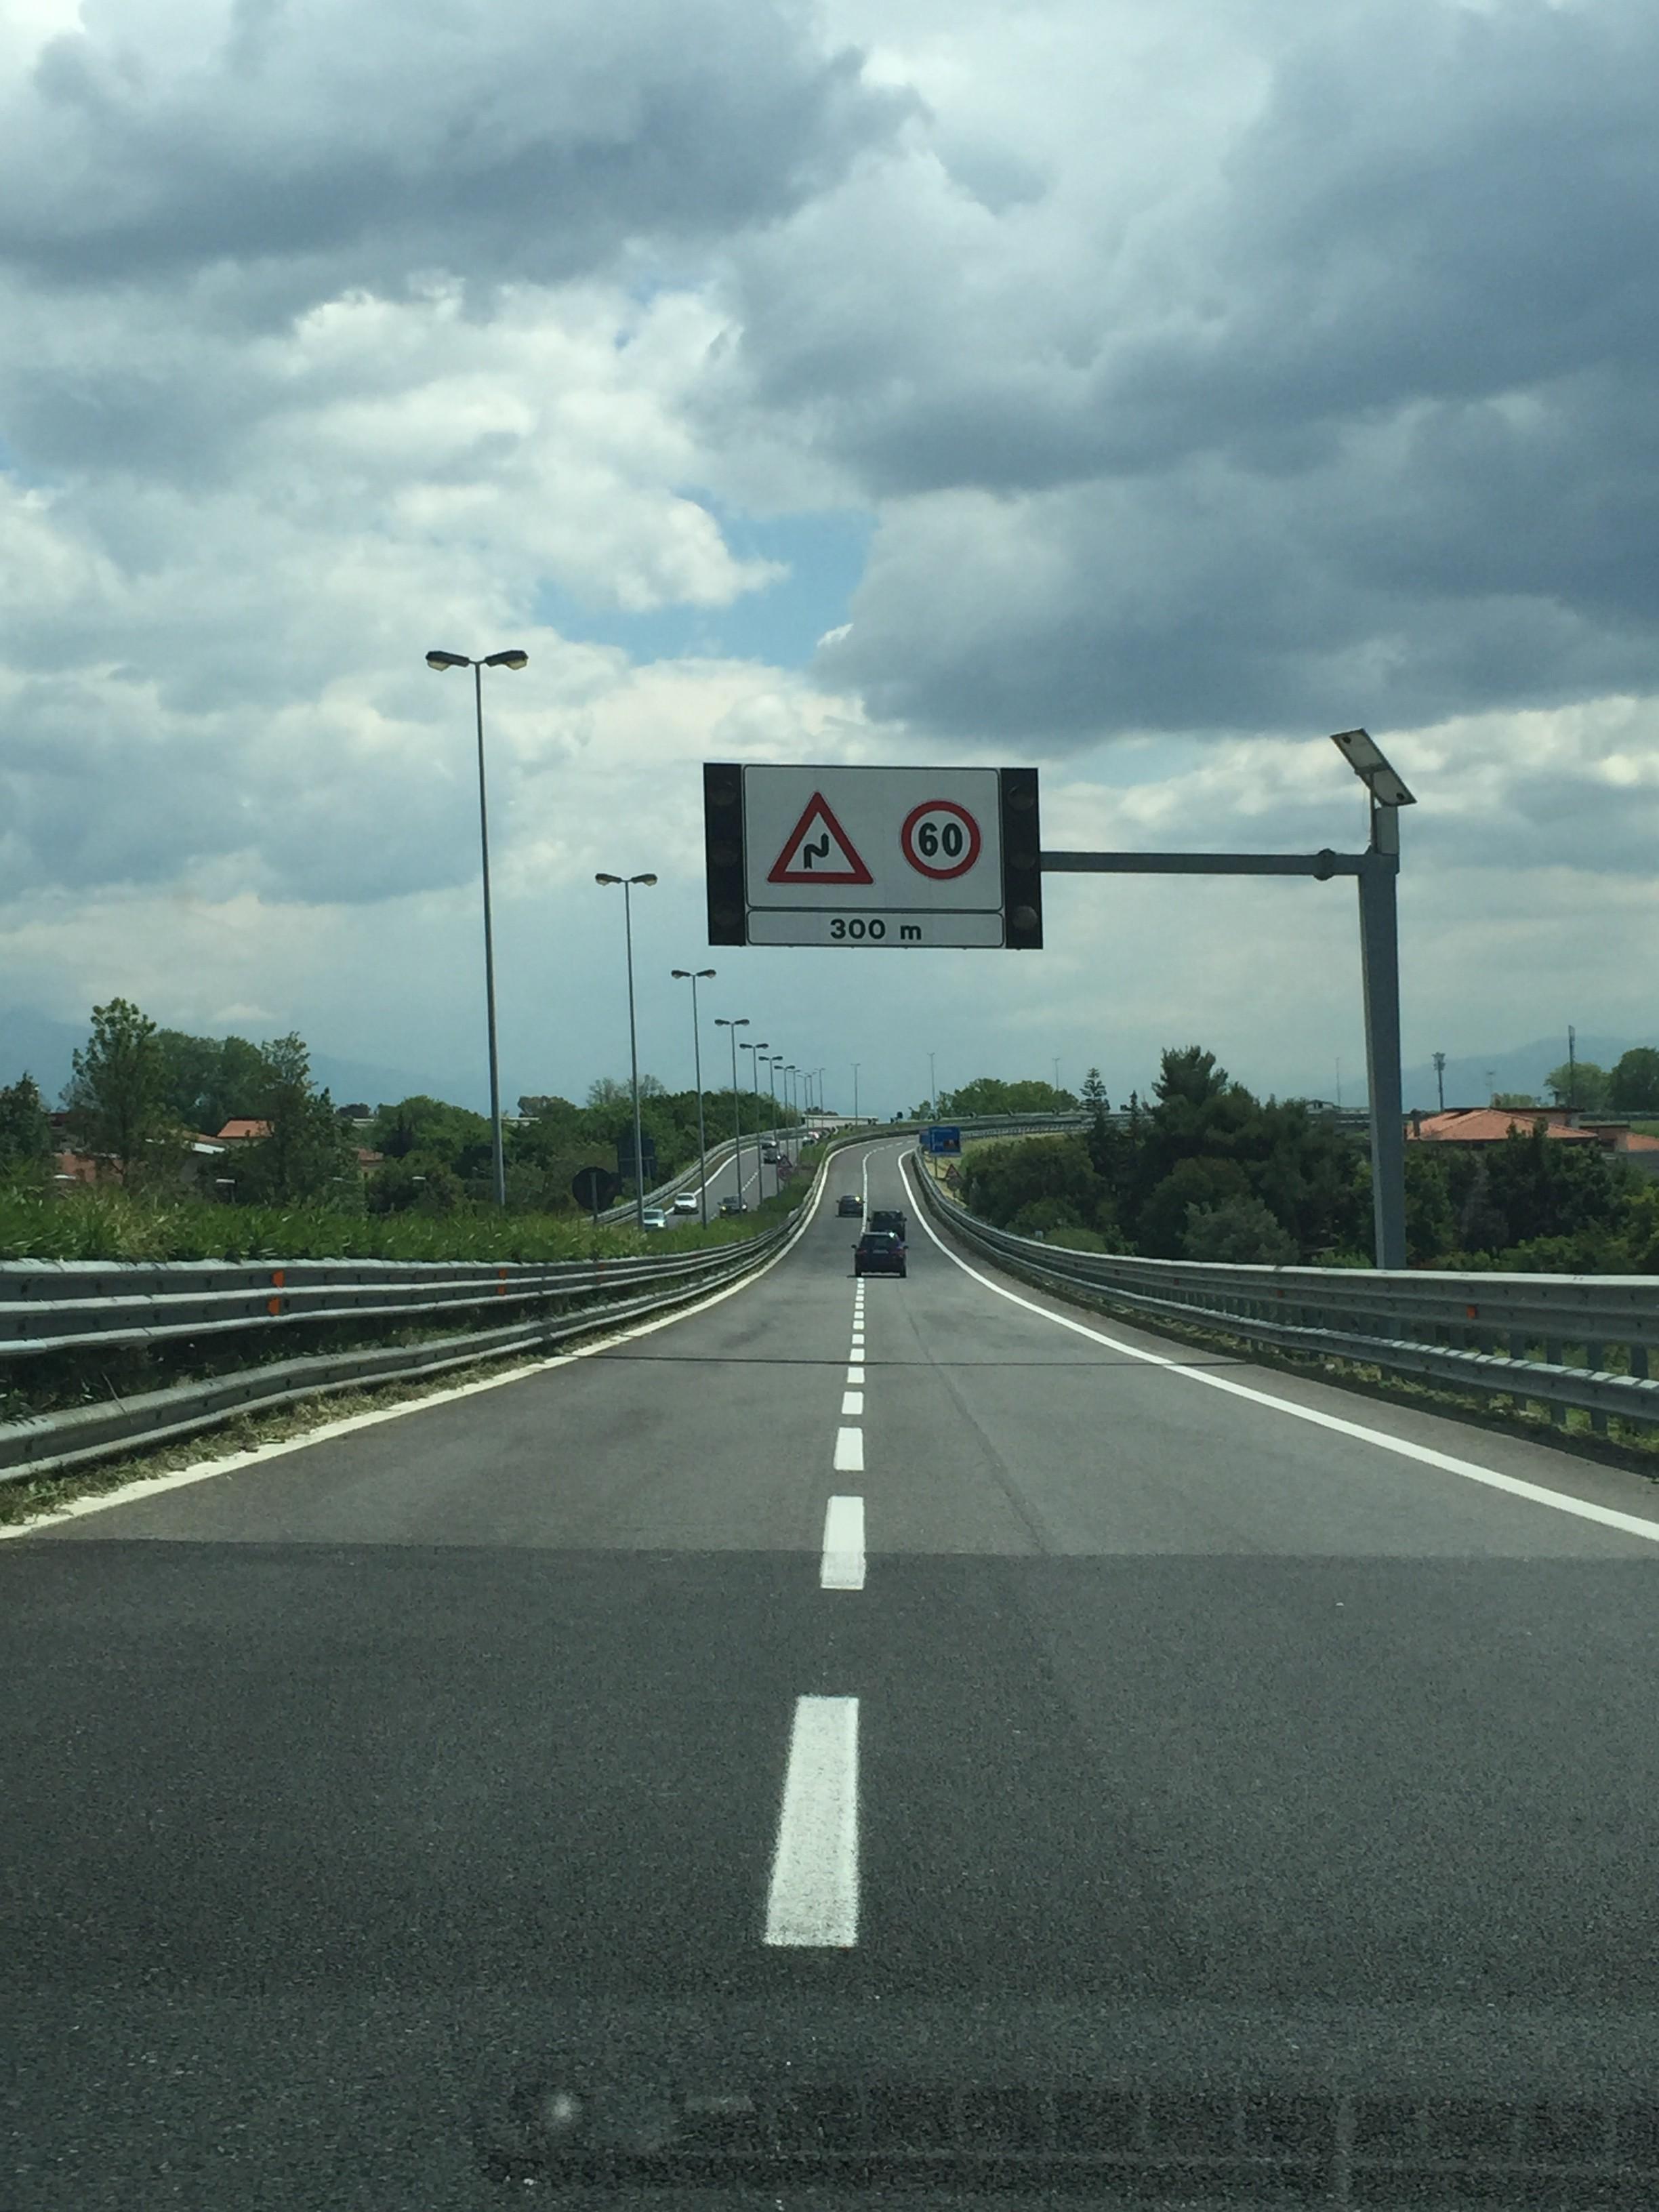 tangenziale_carreggiata_sud_direzione_pontecagnano_radiobussola (2)